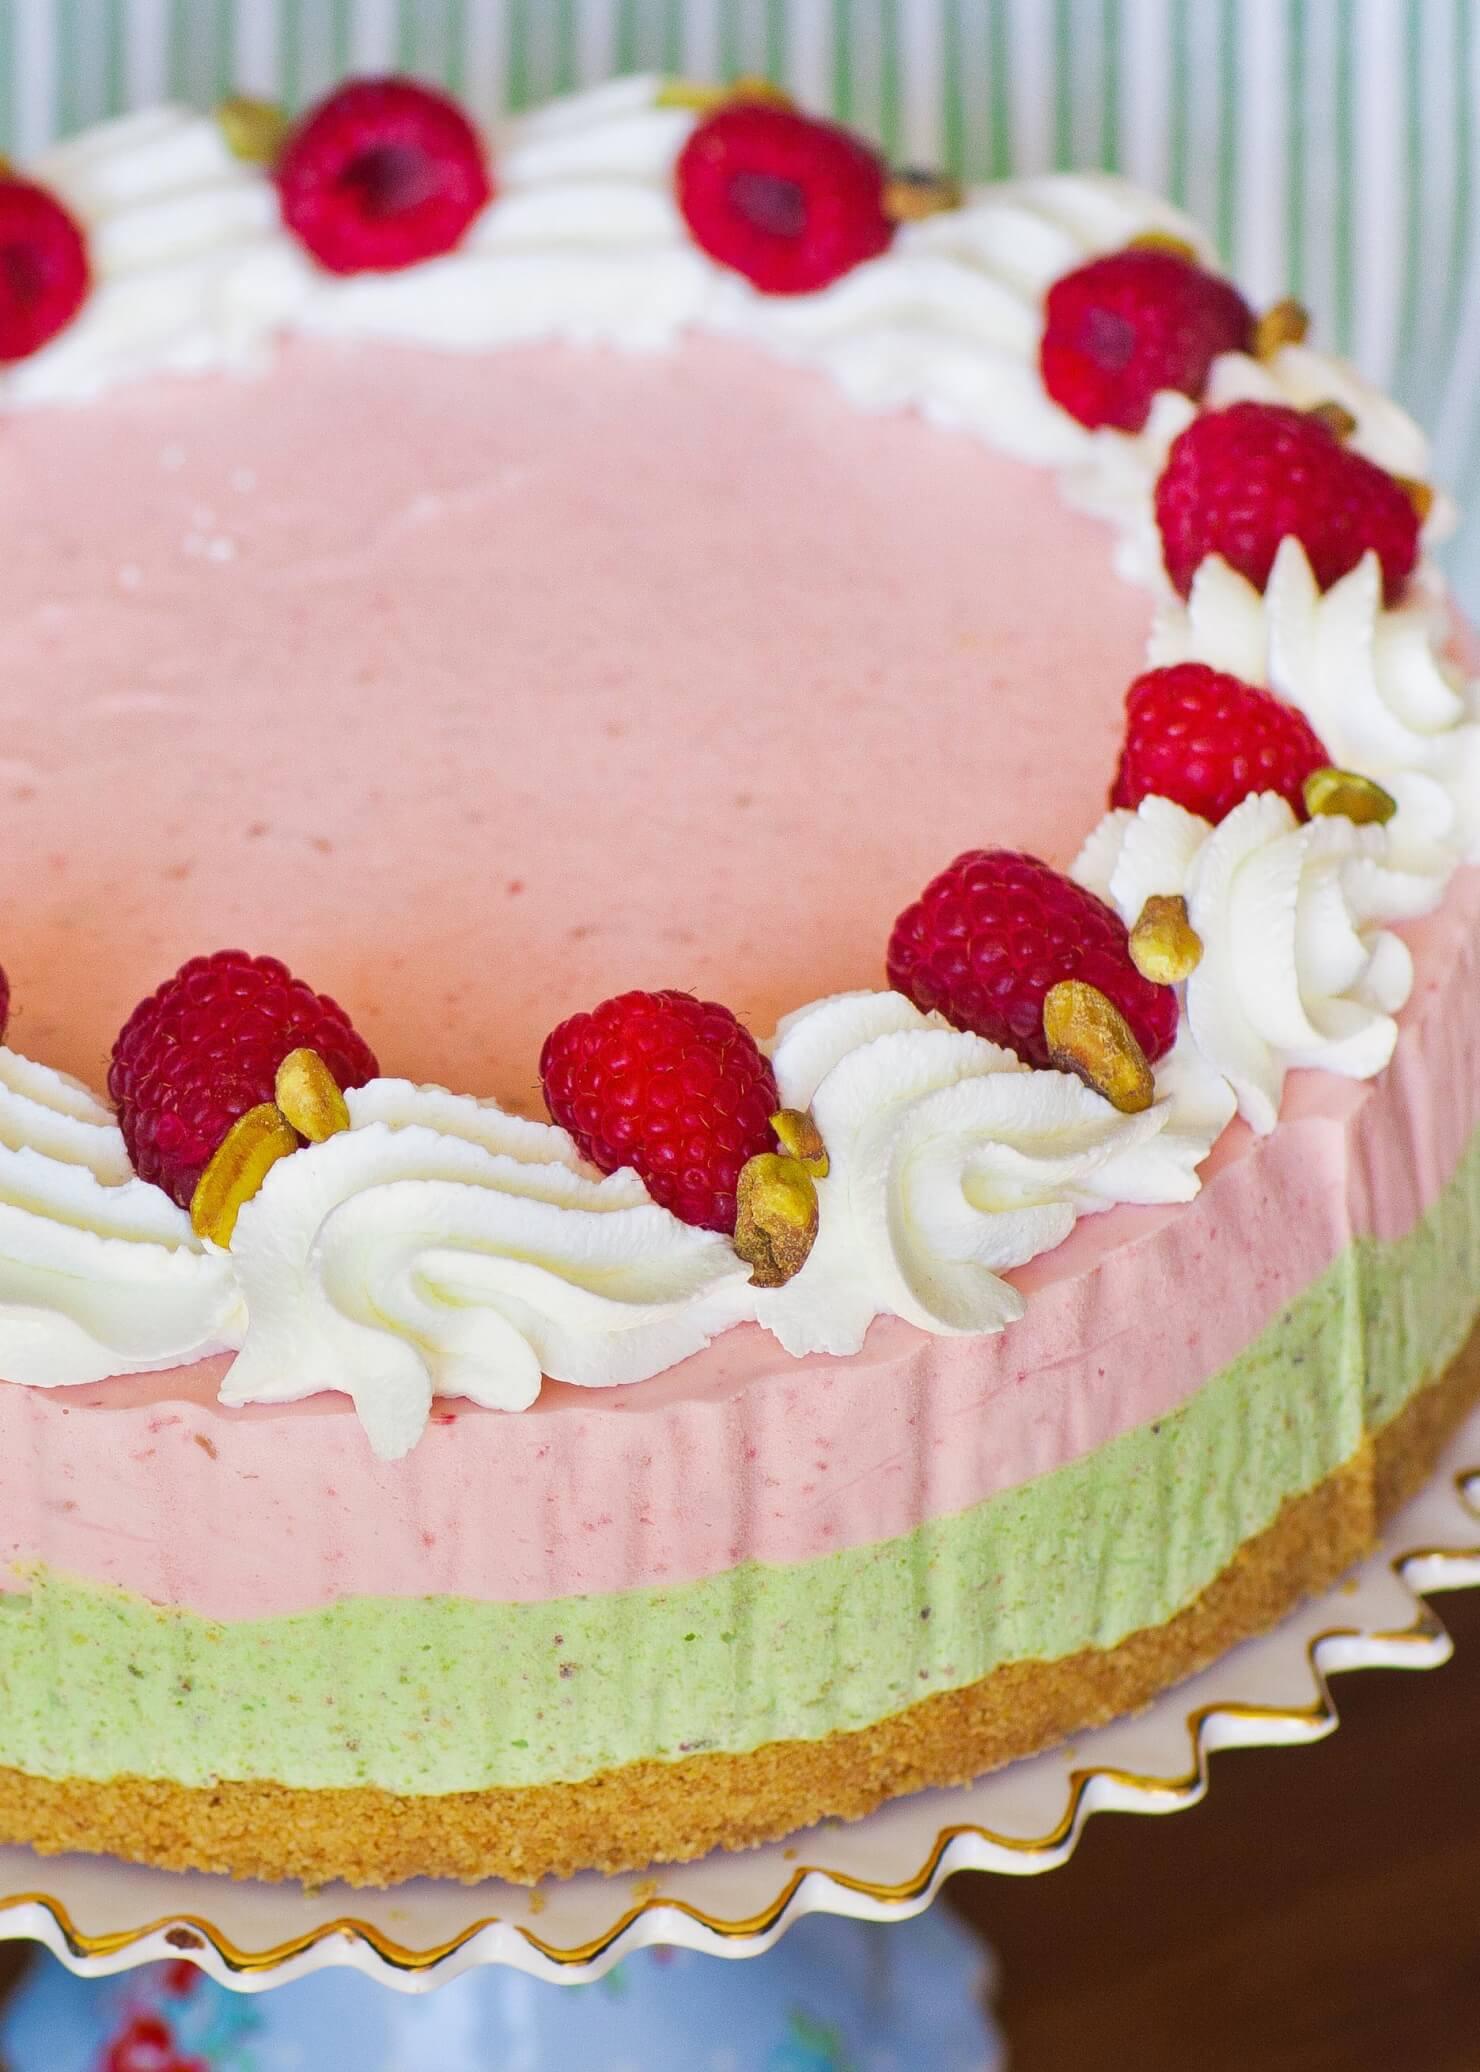 pistachio raspbery ice cream cake with whipped cream